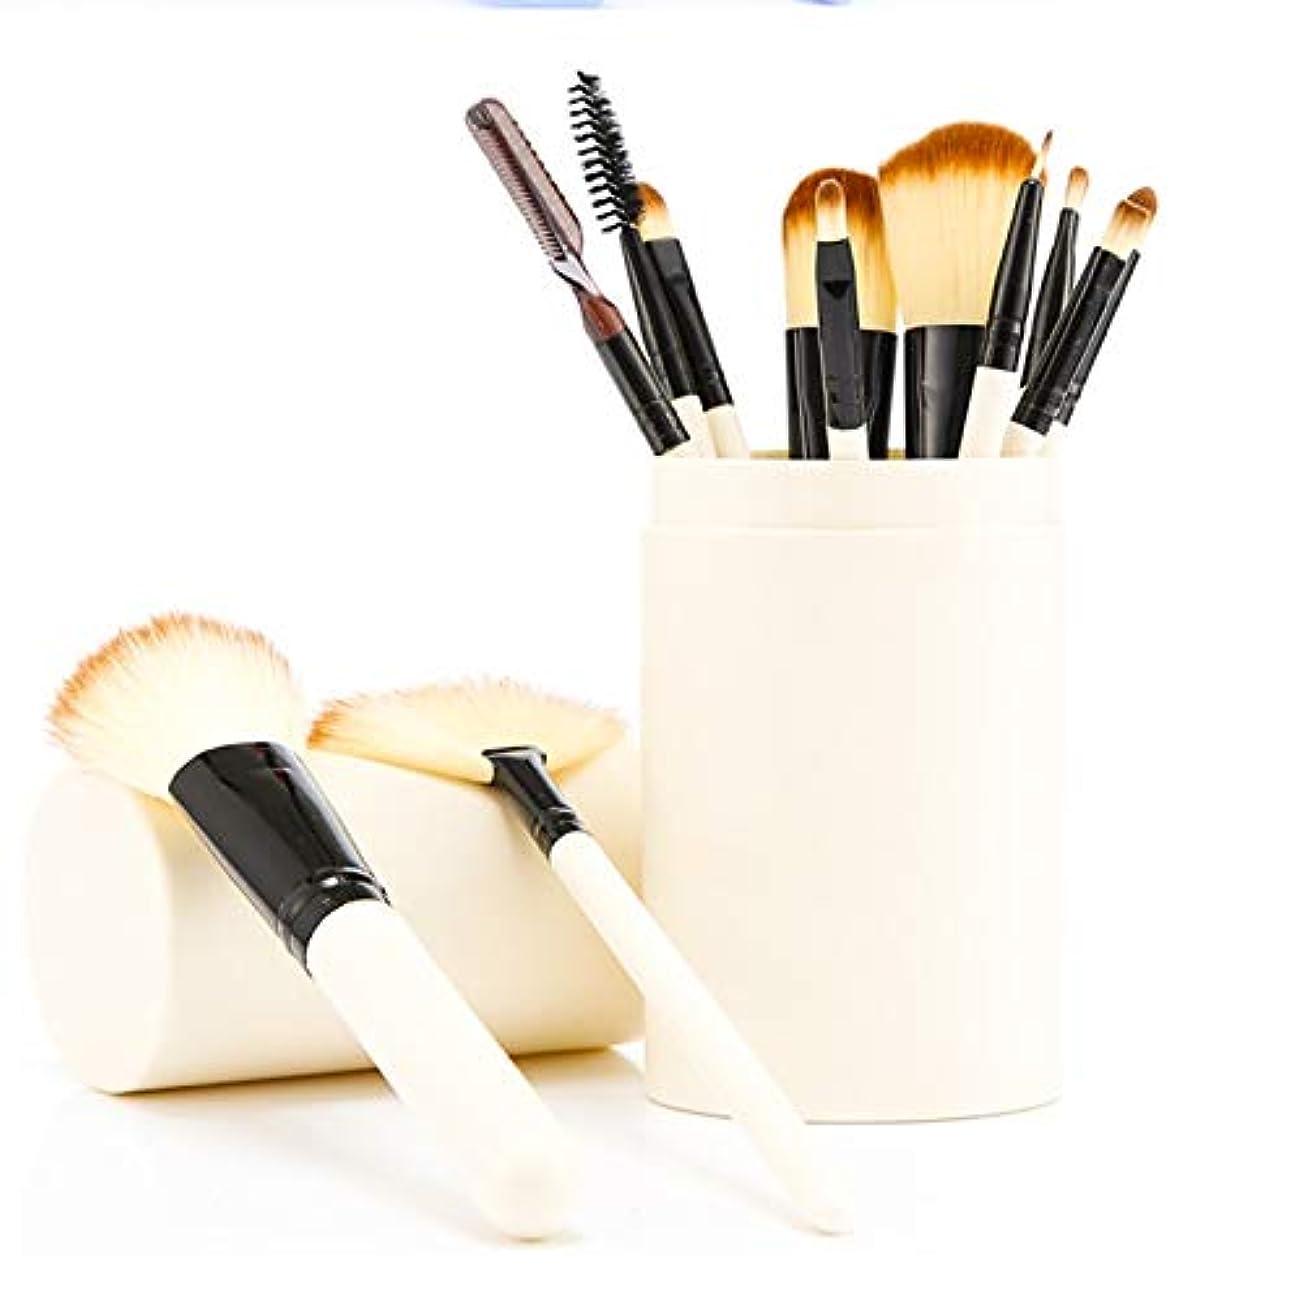 飲み込む沈黙放牧するソフトで残酷のない合成繊維剛毛とローズゴールドのディテールが施された化粧ブラシセット12本のプロフェッショナルな化粧ブラシ - エレガントなPUレザーポーチが含まれています (Color : Natural)